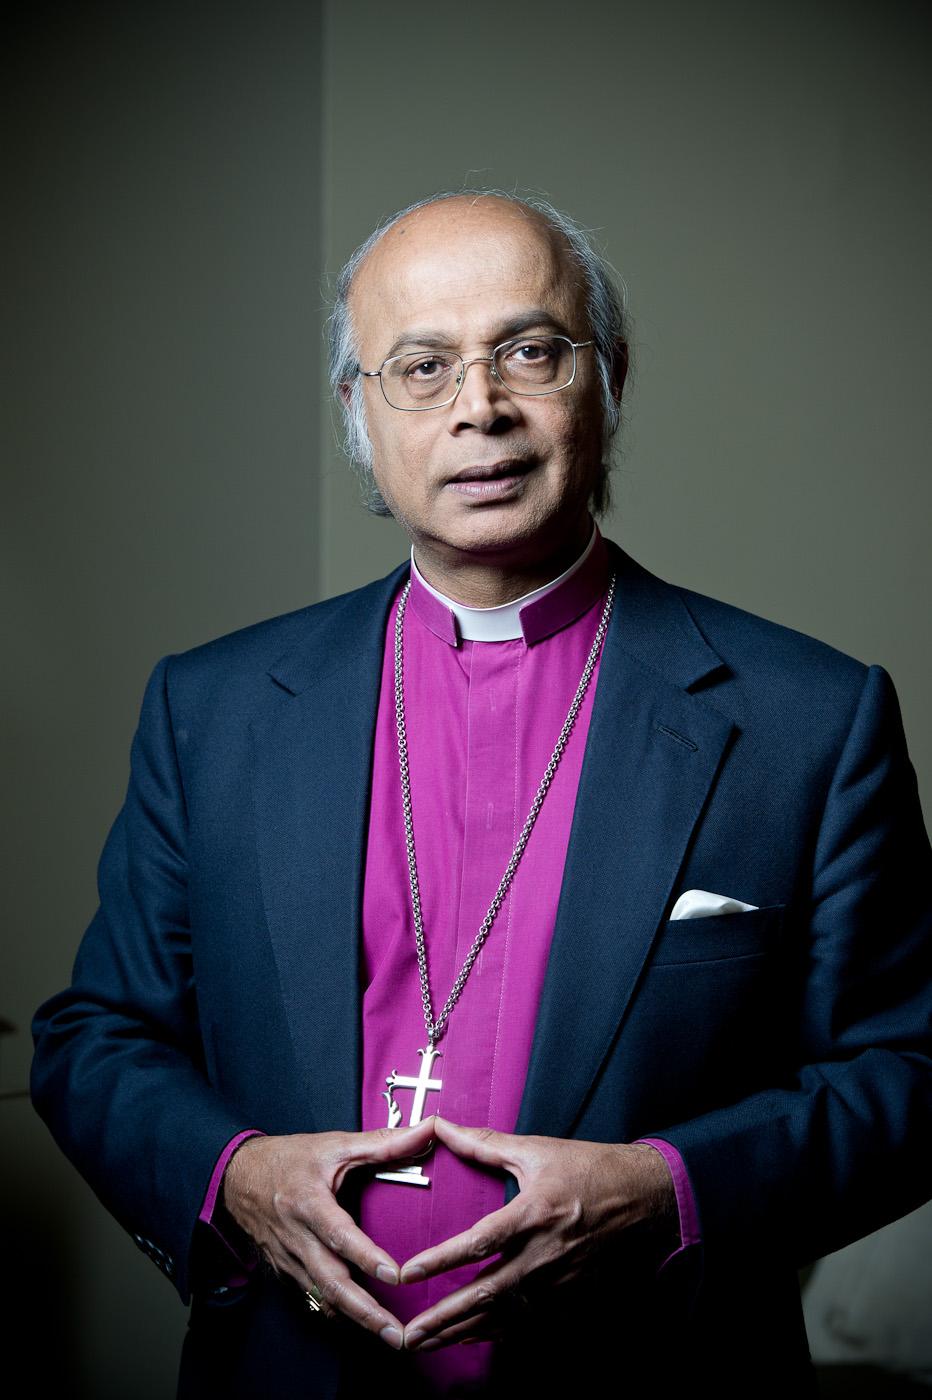 Früherer Bischof Nazir-Ali will britisches Burkaverbot